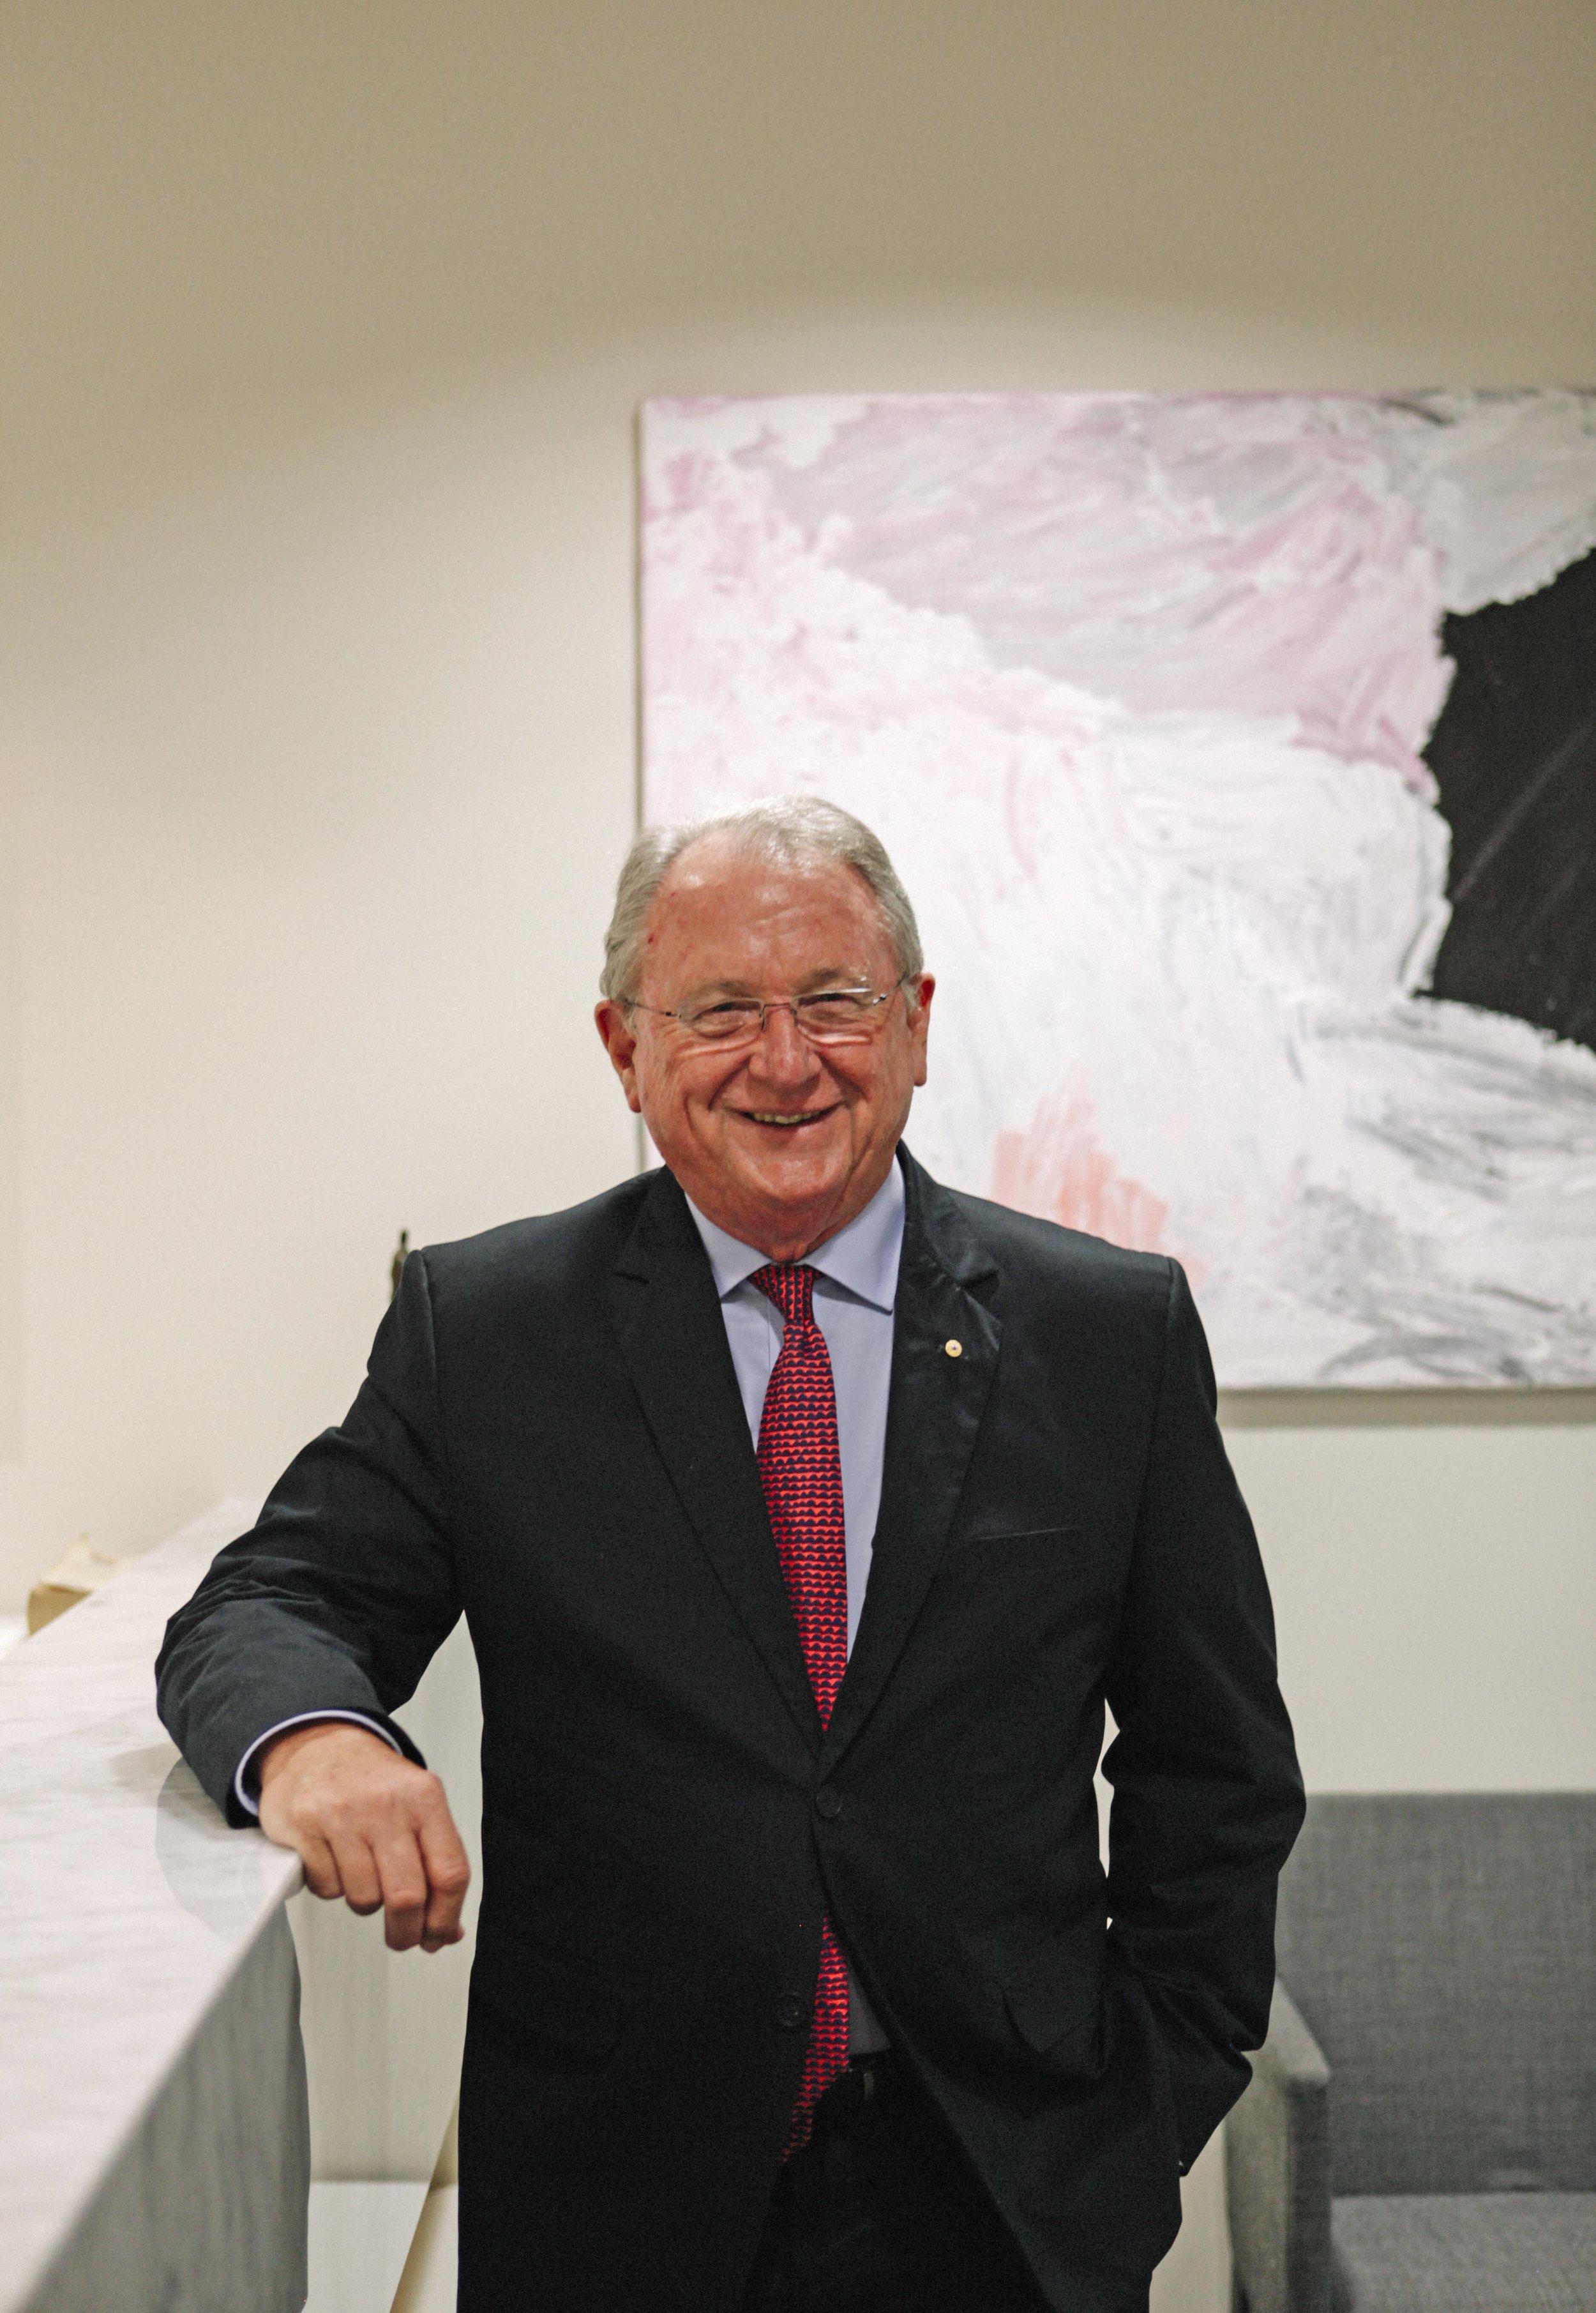 Dr Keith Hartman